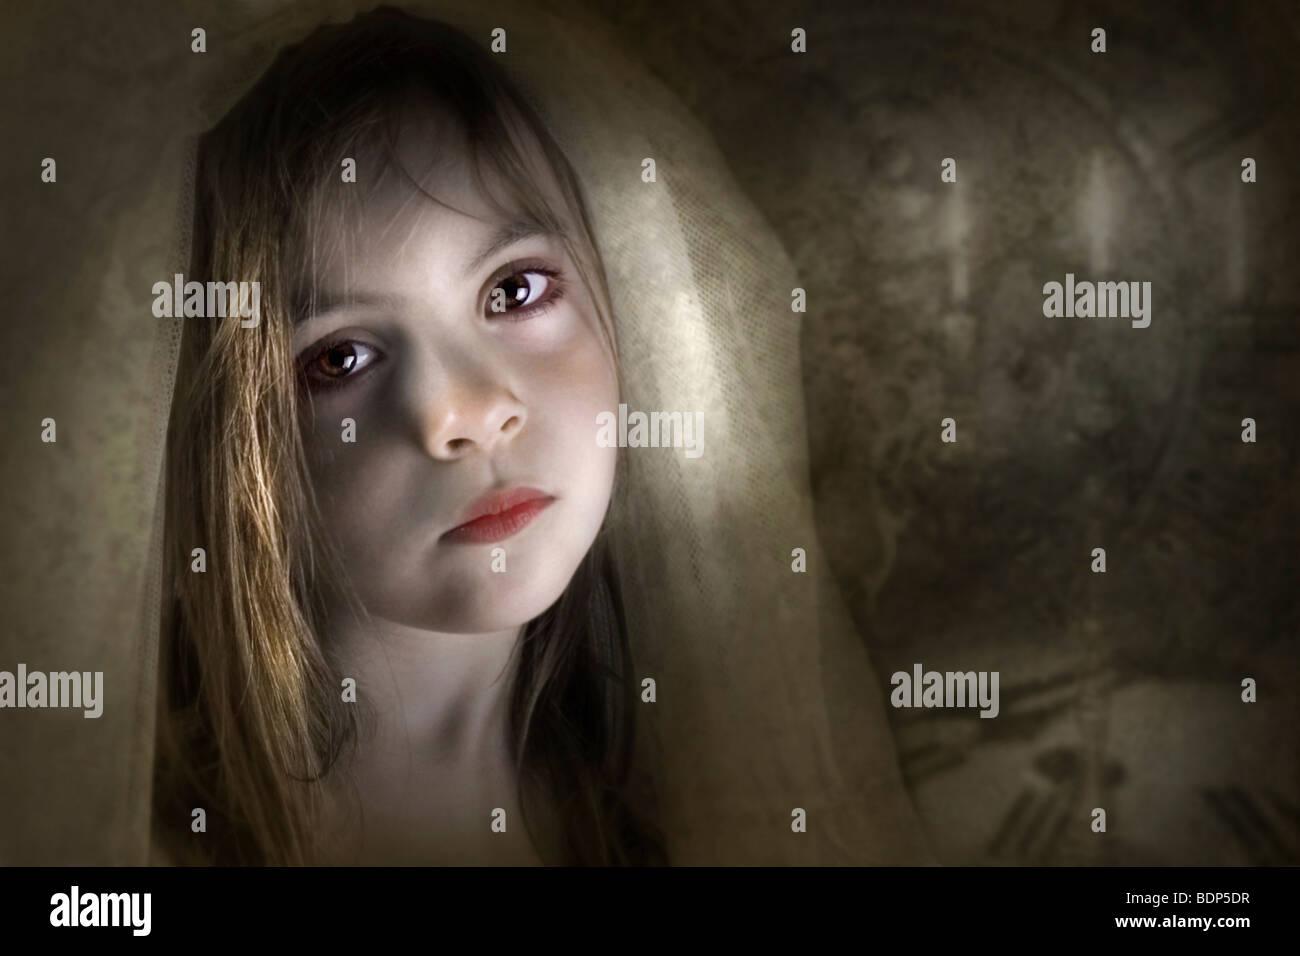 Un giovane bambino vestito in un velo guardando la telecamera con tristezza o dolore in un ambiente impostazione Immagini Stock